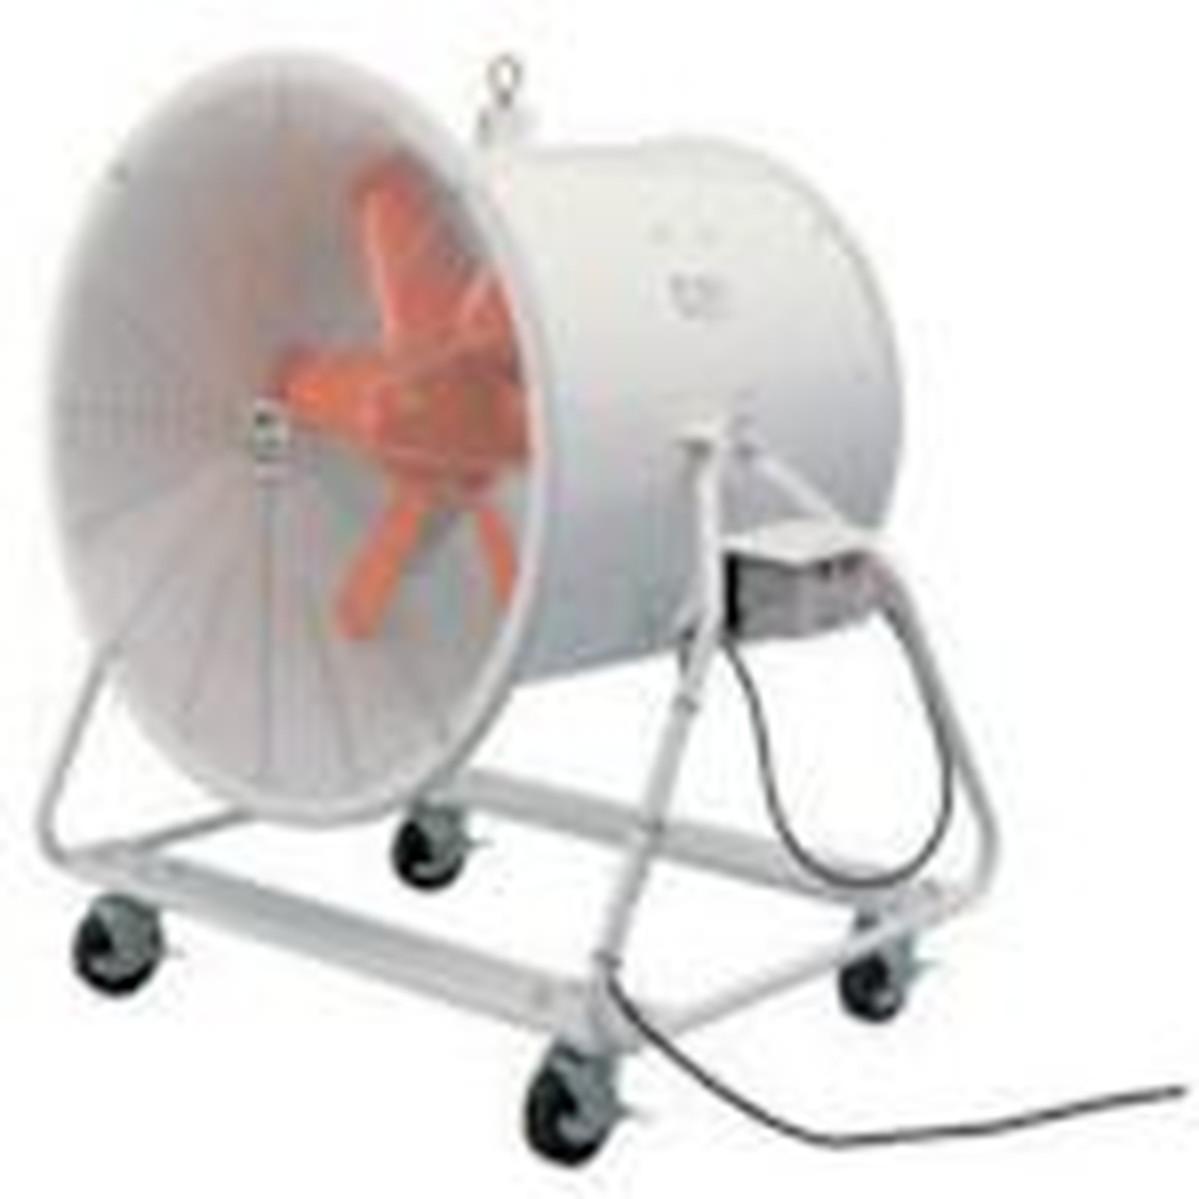 どでかファン スイデン 送風機 ハネ径710mm 角度調節可能 1台 三相200V 4輪キャスター付